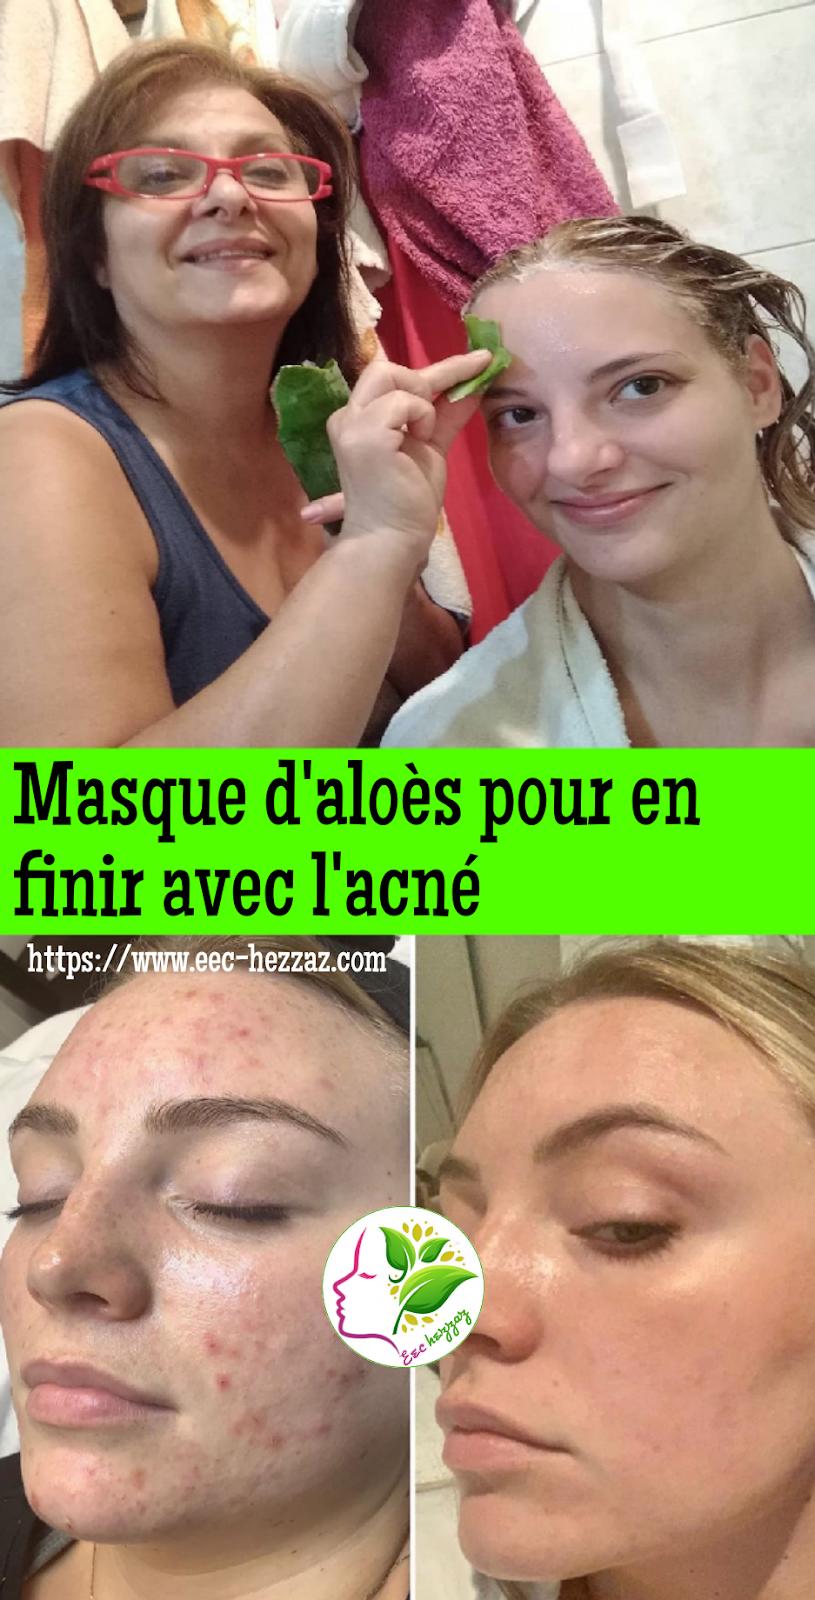 Masque d'aloès pour en finir avec l'acné